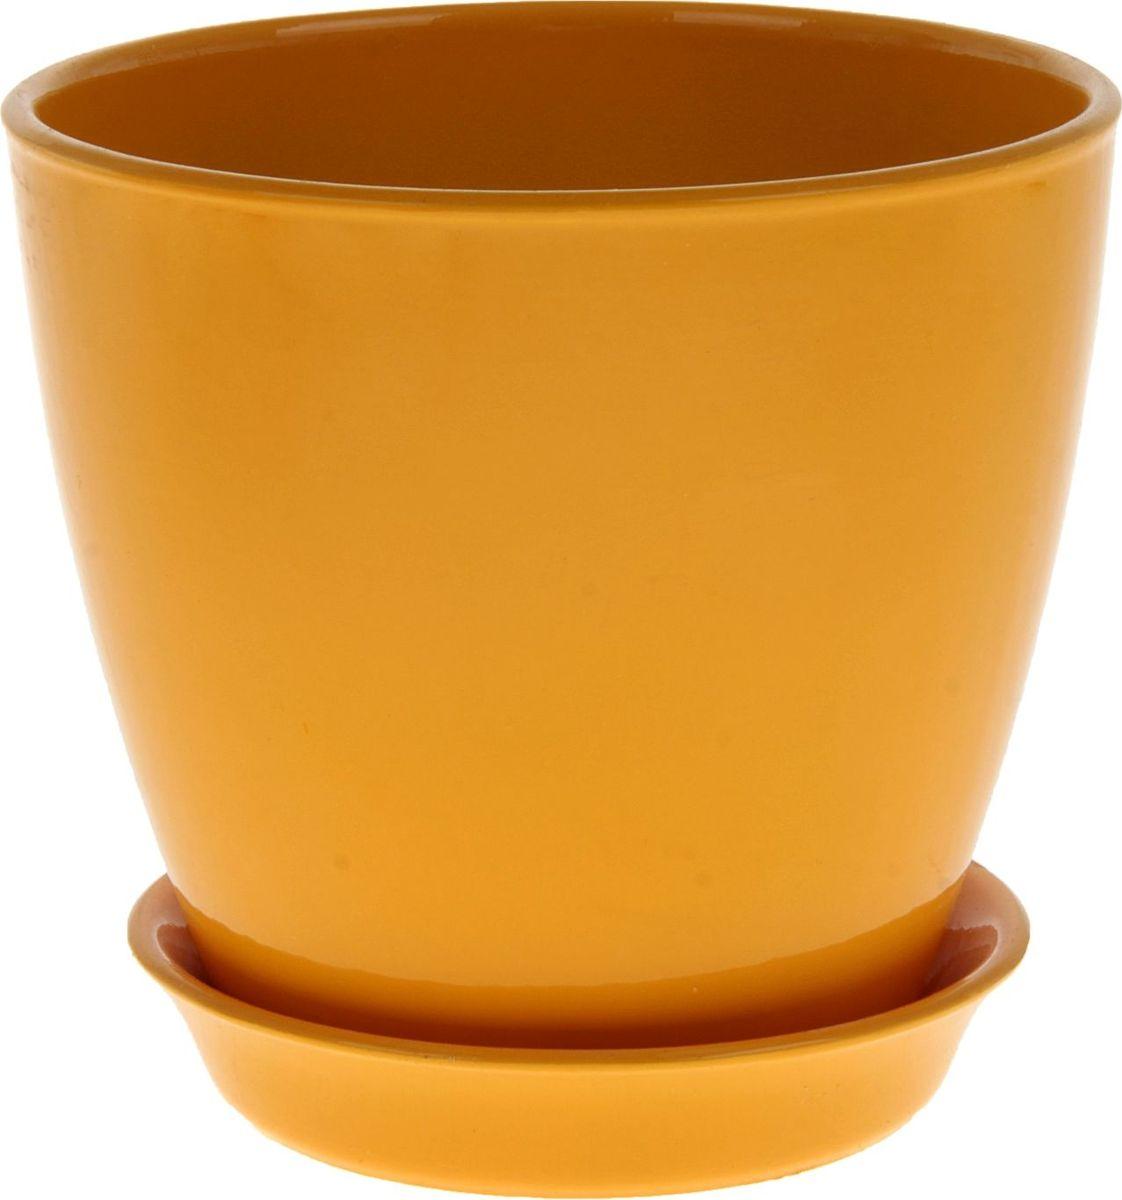 Кашпо Керамика ручной работы Виктория, цвет: желтый, 2 л825120Кашпо серии «Каменный цветок» выполнено из белой глины методом формовки и покрыто лаком. Керамическая емкость имеет объем, оптимальный для создания наилучших условий развития большинства растений. Устойчивый глубокий поддон защитит поверхность стола или подставки от жидкости. Благодаря строгим стандартам производства изделия отличаются правильной формой, отсутствием дефектов, имеют достаточную тяжесть для надежной фиксации конструкции. Окраска моделей не восприимчива к прямым солнечным лучам, а в цветовой гамме преобладают яркие и насыщенные оттенки. Красота, удобство и долговечность кашпо серии «Каменный цветок» порадует любителей высококачественных аксессуаров для комнатных растений.